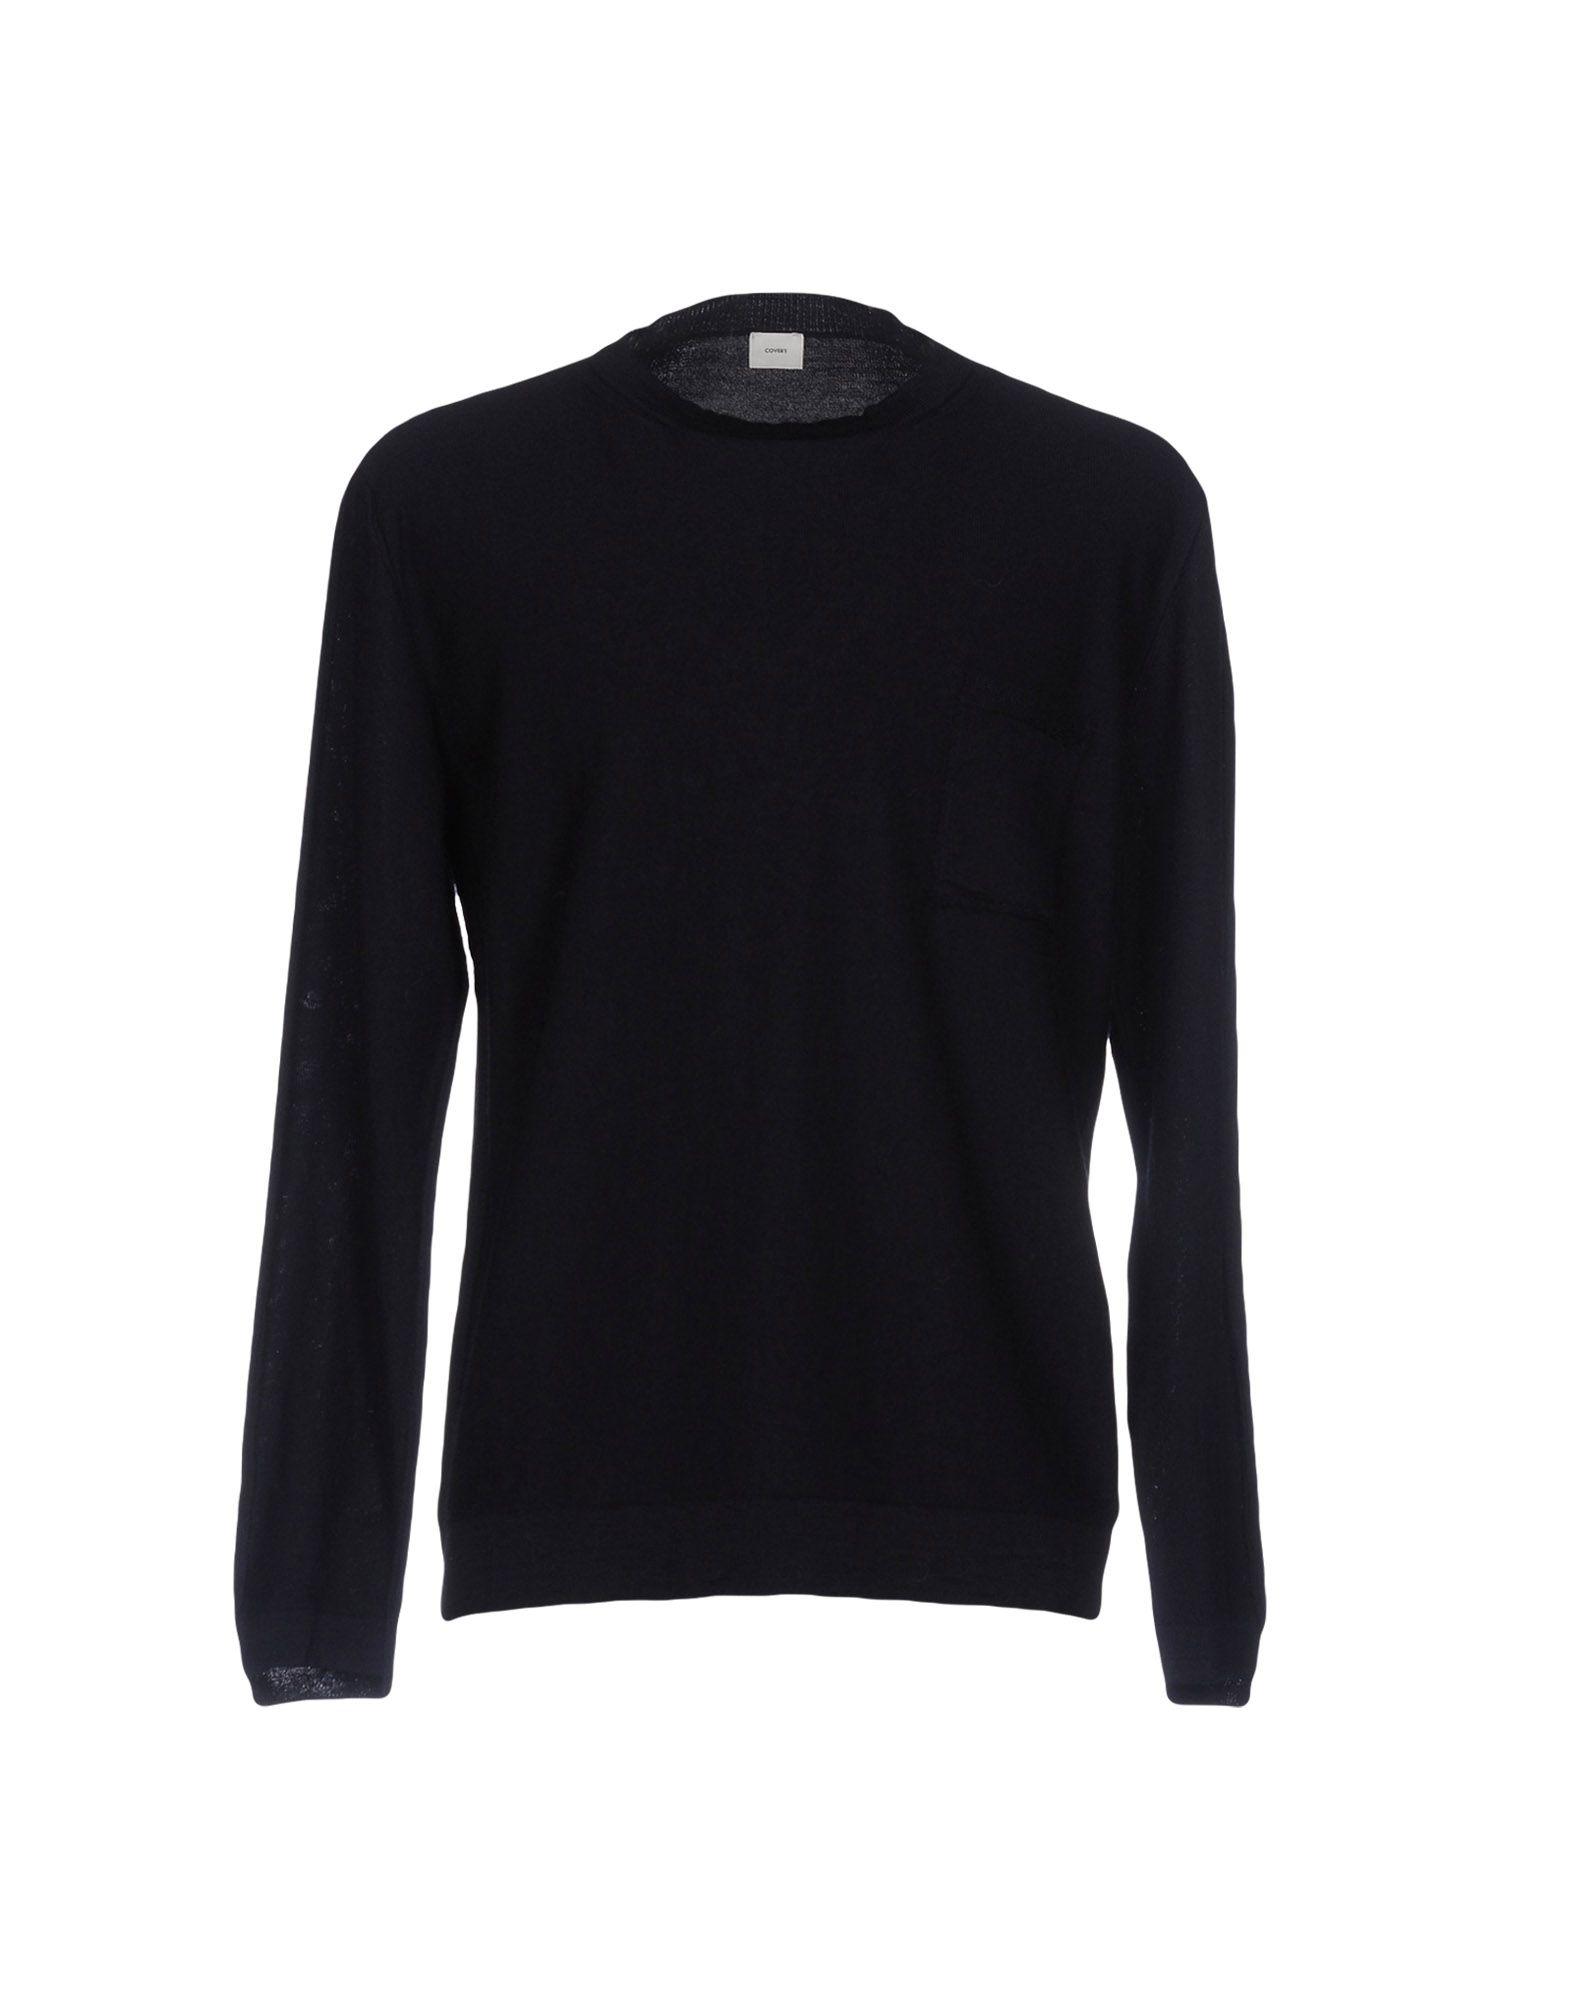 COVERT Herren Pullover Farbe Dunkelblau Größe 7 jetztbilligerkaufen